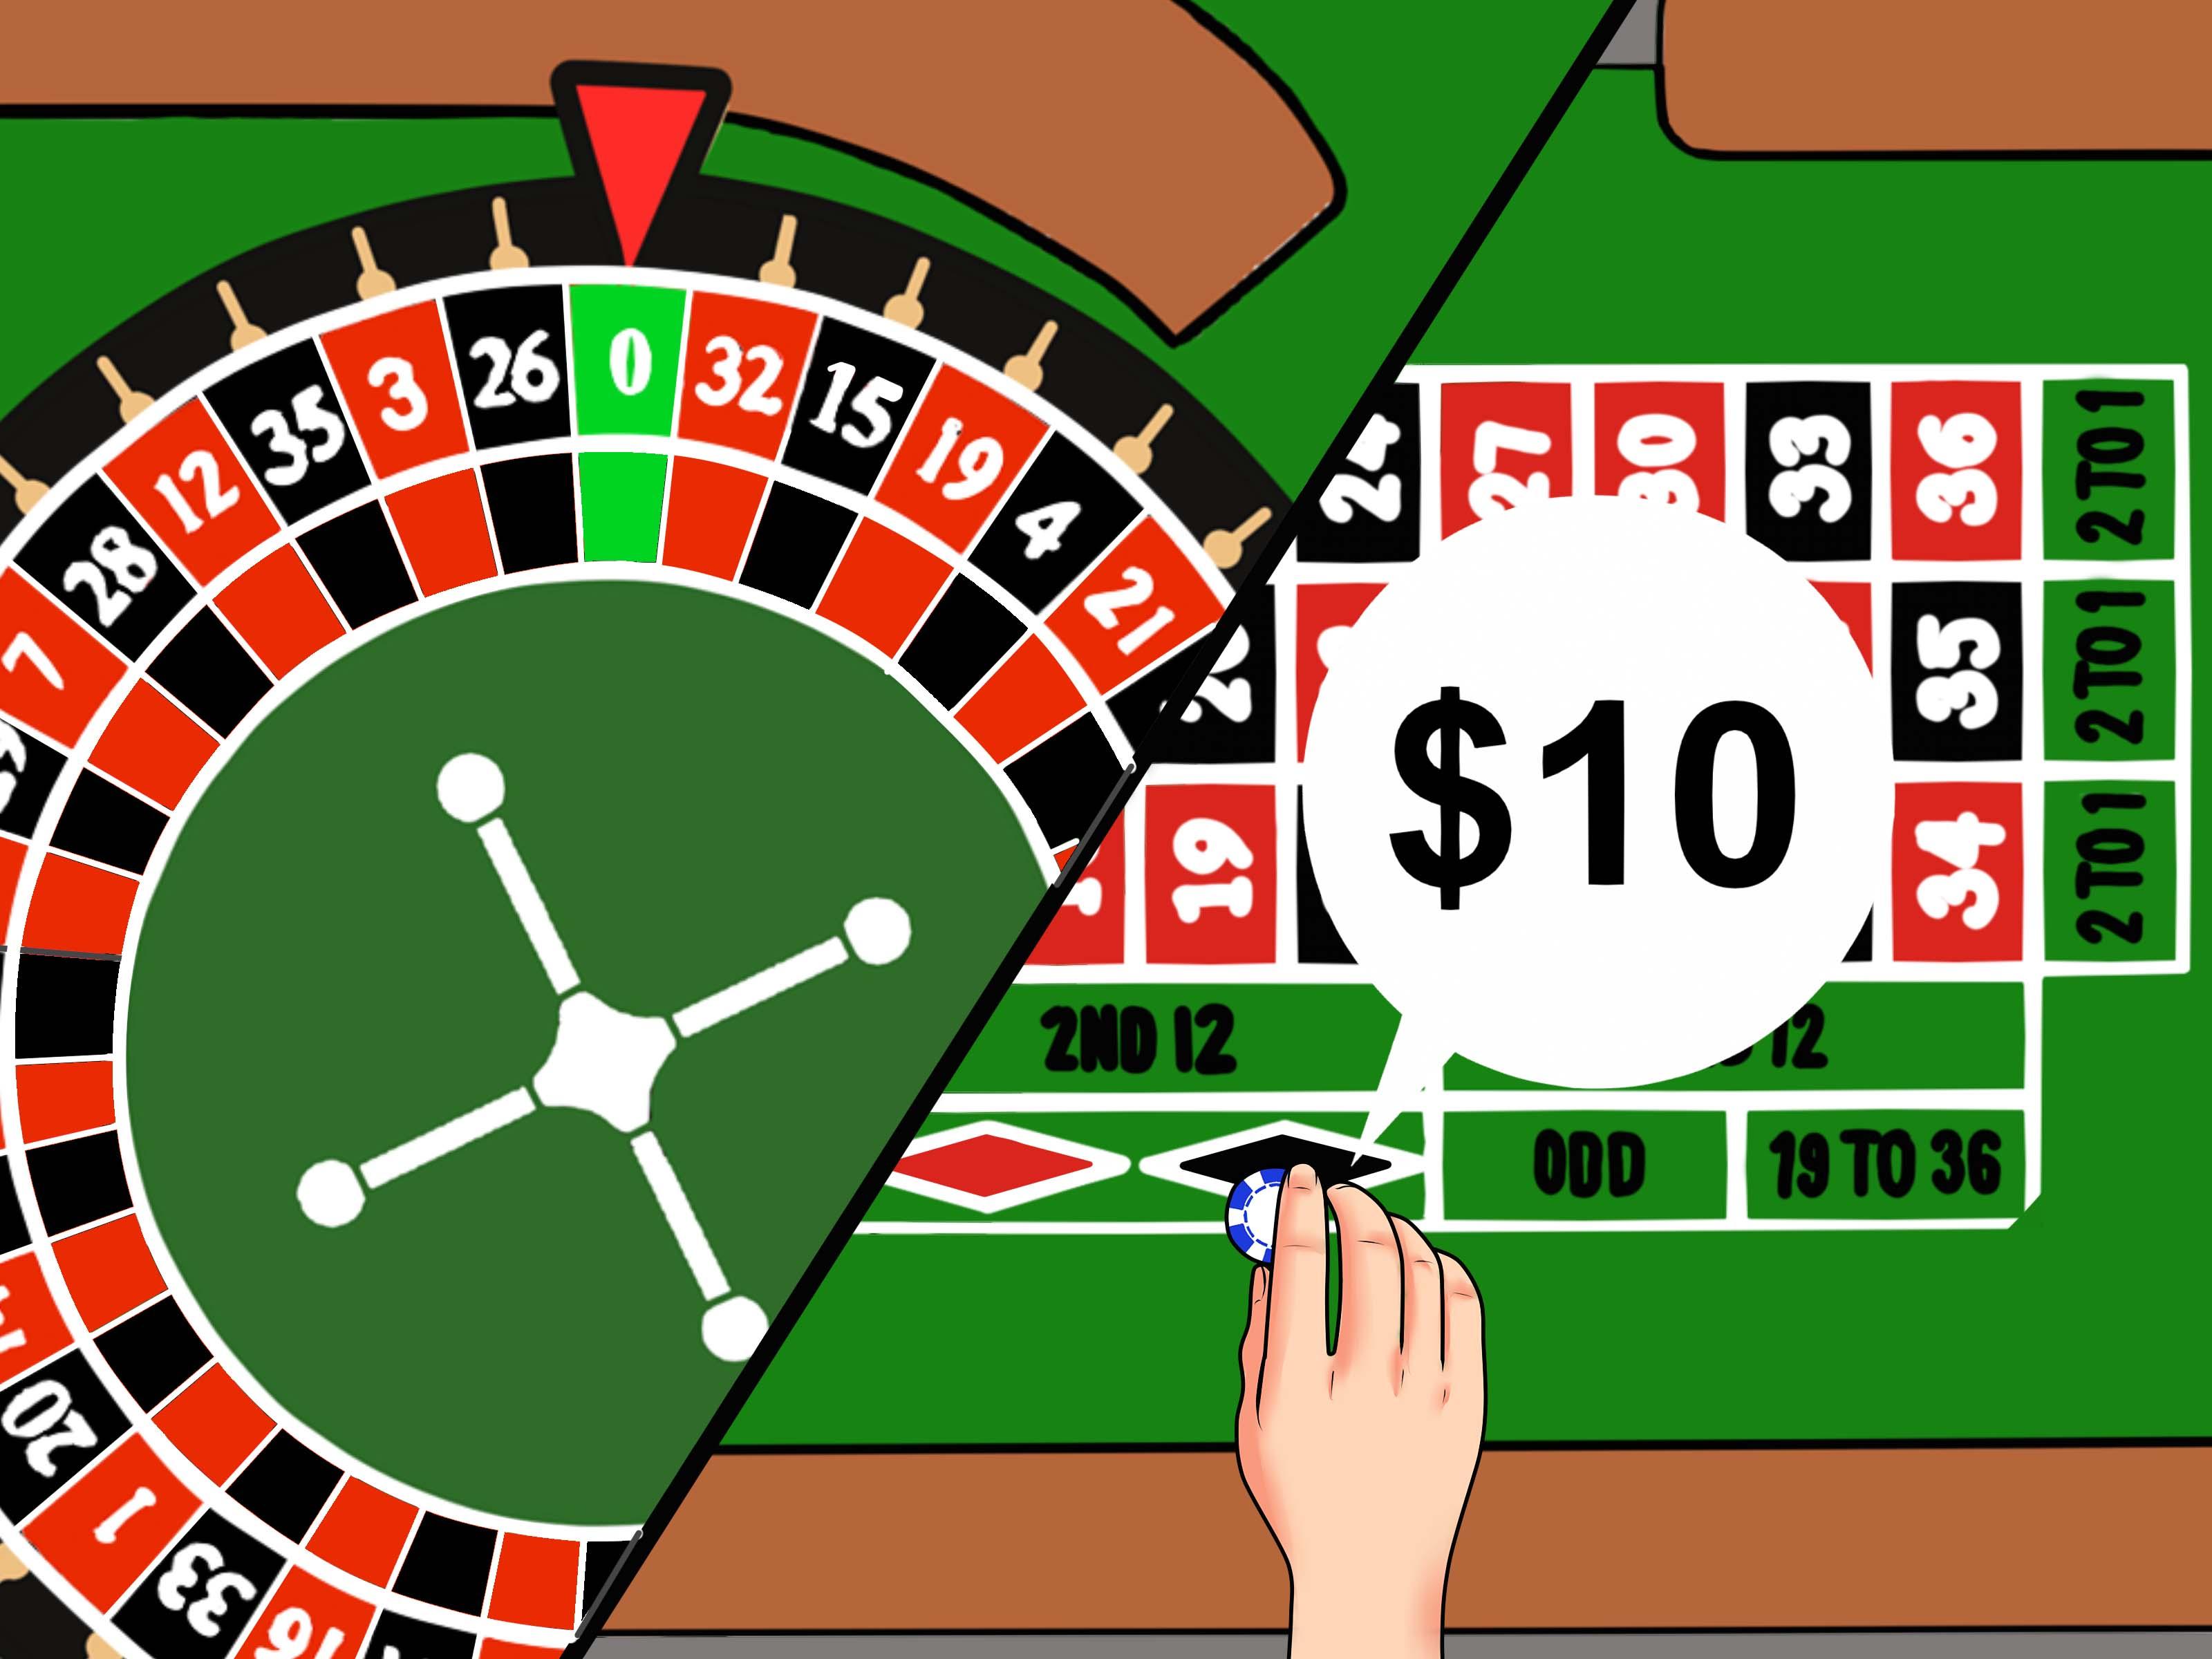 Jouer en ligne au casino : les avantages !